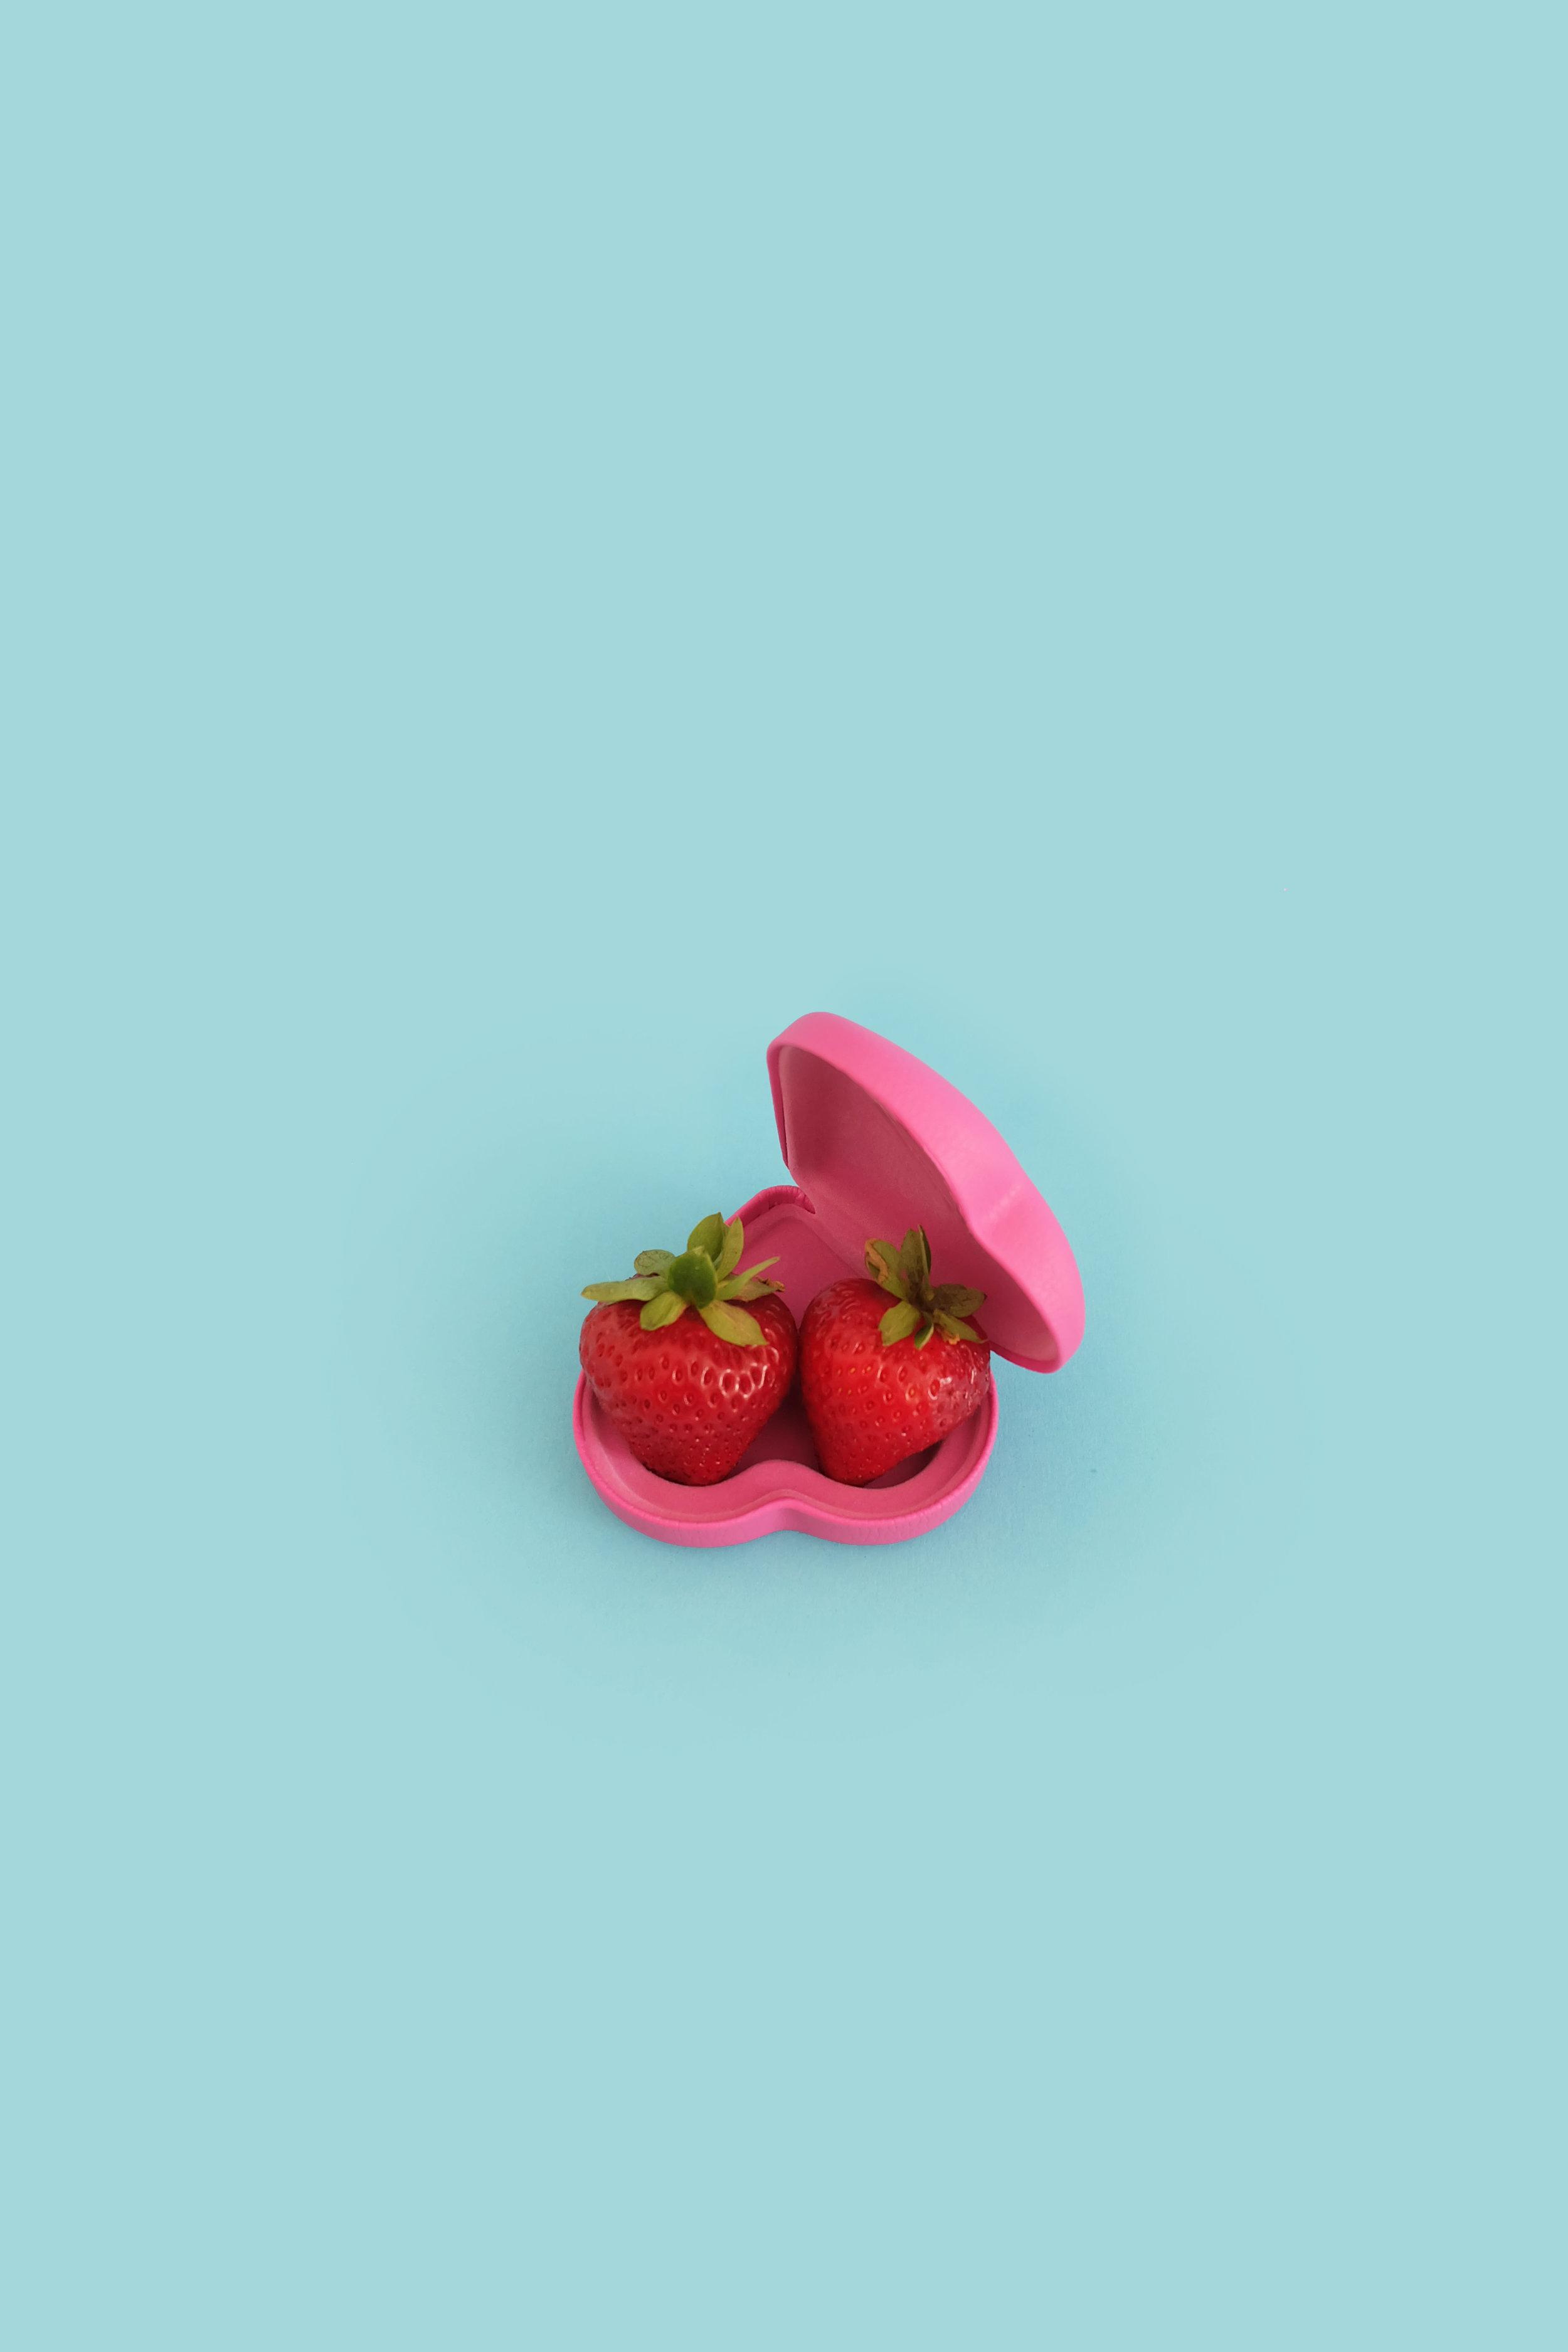 strawberryesjpg.jpg